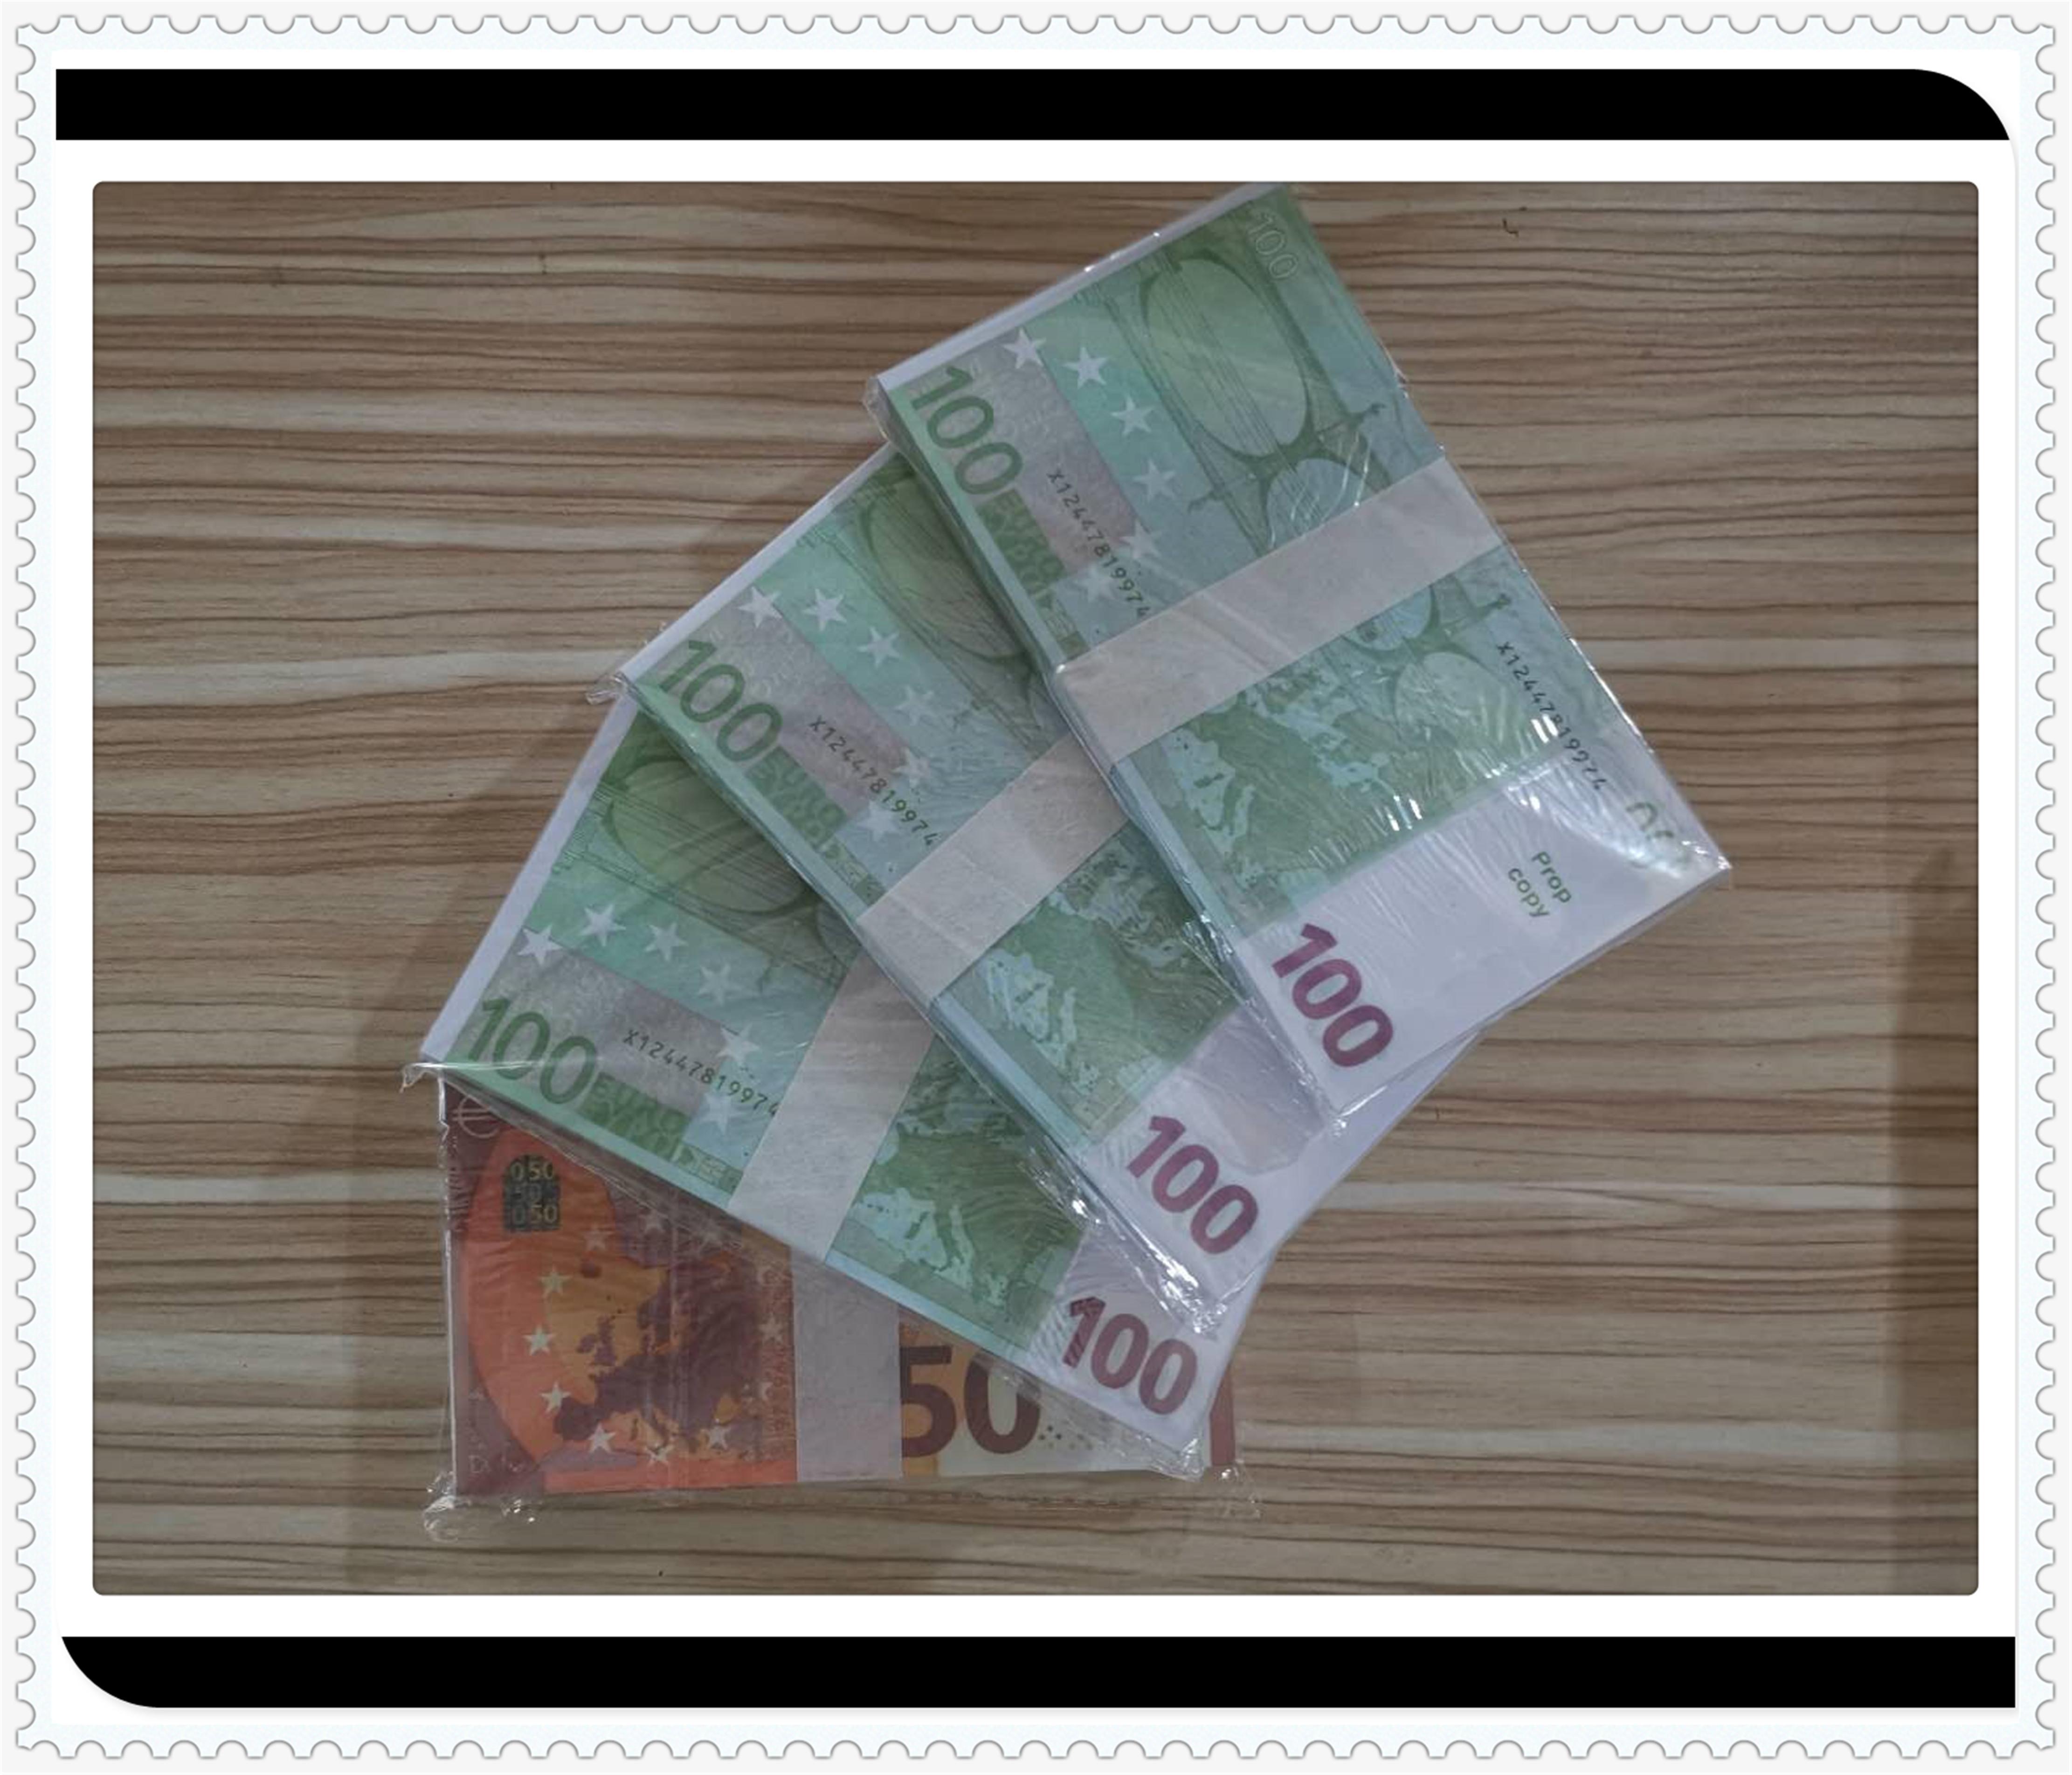 2020 hot venda 100 euros Simulação de notas de euro prop moeda A127 moeda do jogo DIY adereços jogo euro prop moeda